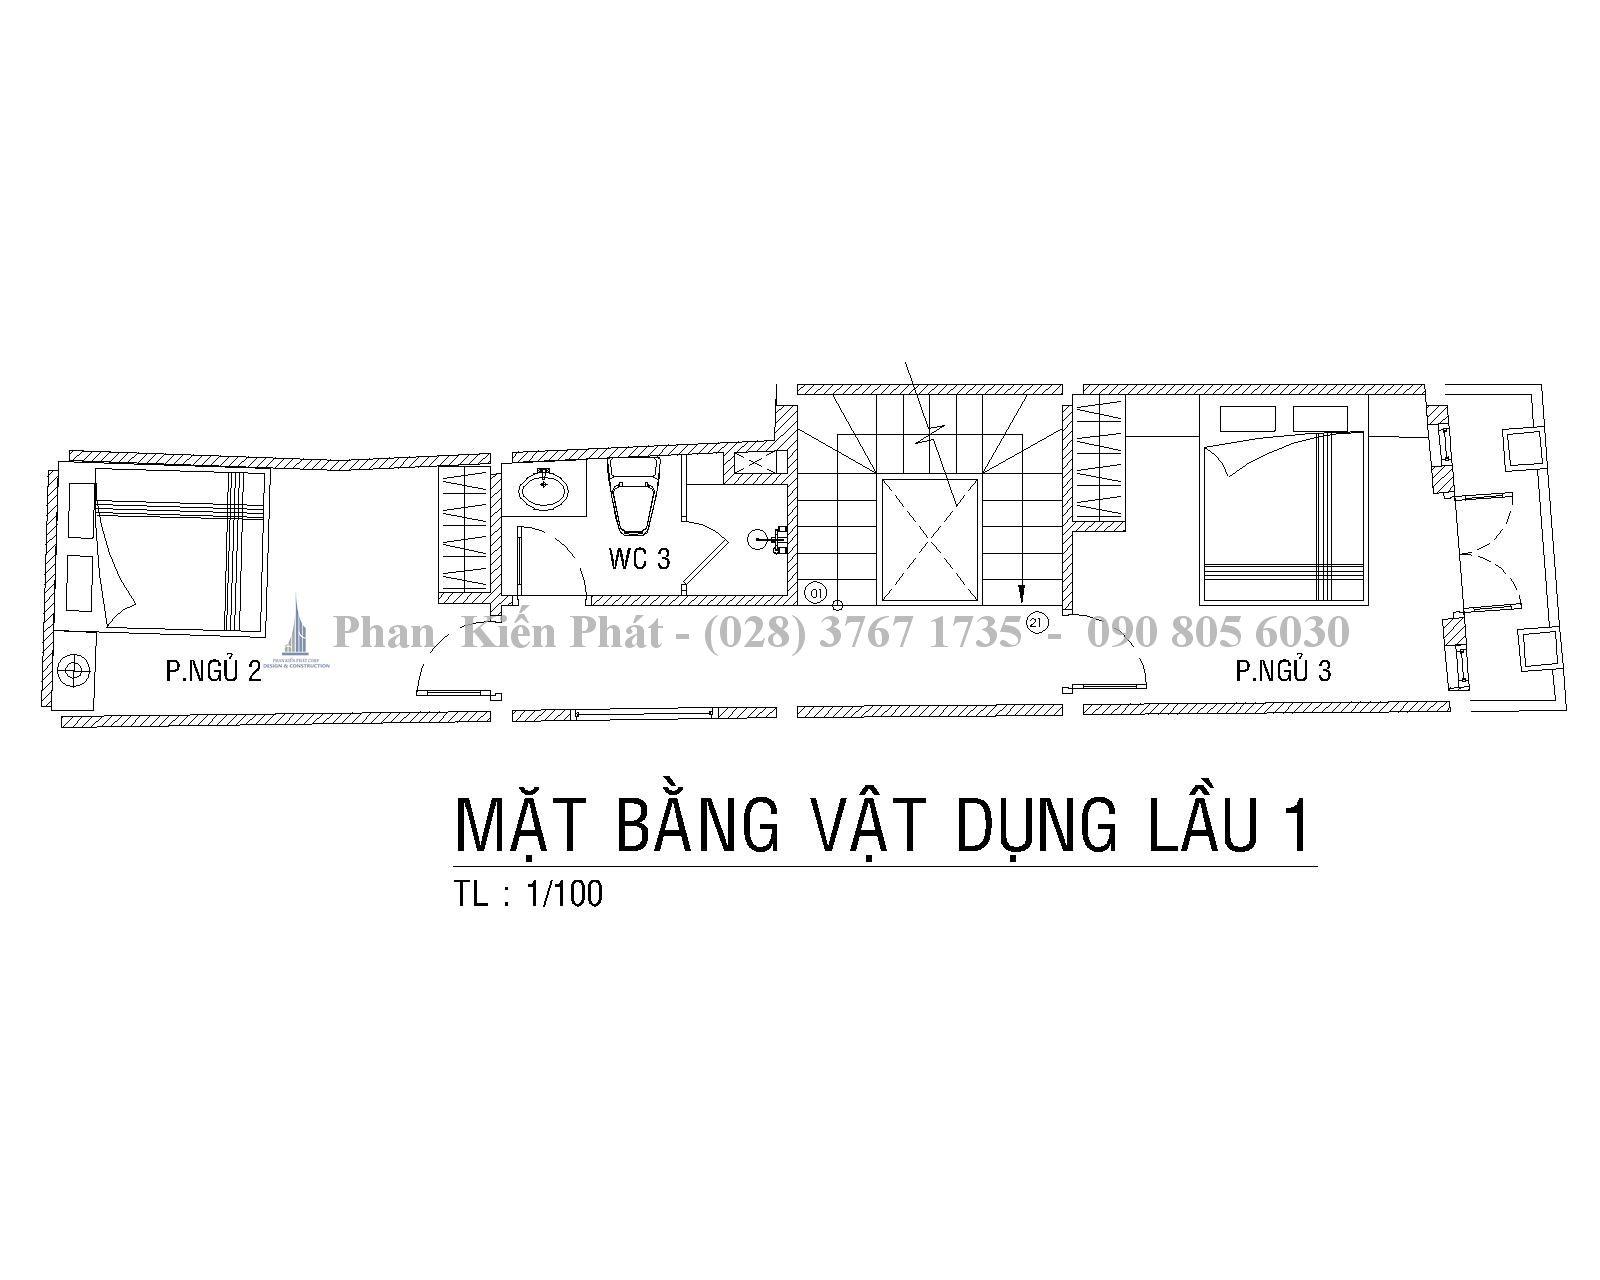 Mat Bang Lau 1 Mau Nha Ong 1 Tret 1lung 3 Lau Hien Dai Anh Tan Dinh 1